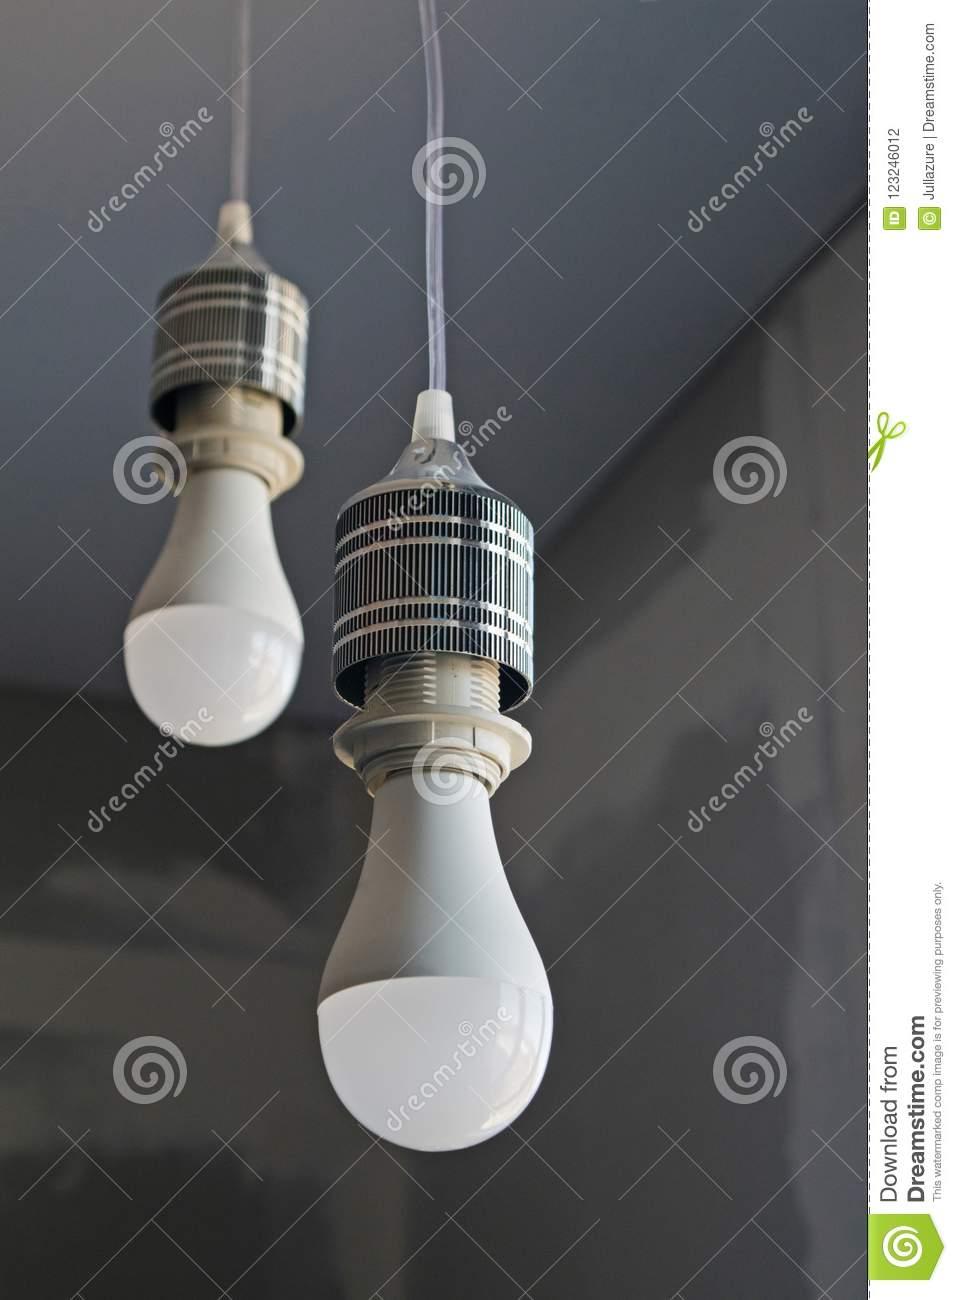 Full Size of Einige Led Lampen Wohnzimmer Esstische Sofa Für Stehlampen Esstisch Bett Küche Fürs Duschen Landhausküche Bad Schlafzimmer 180x200 Wohnzimmer Moderne Lampen